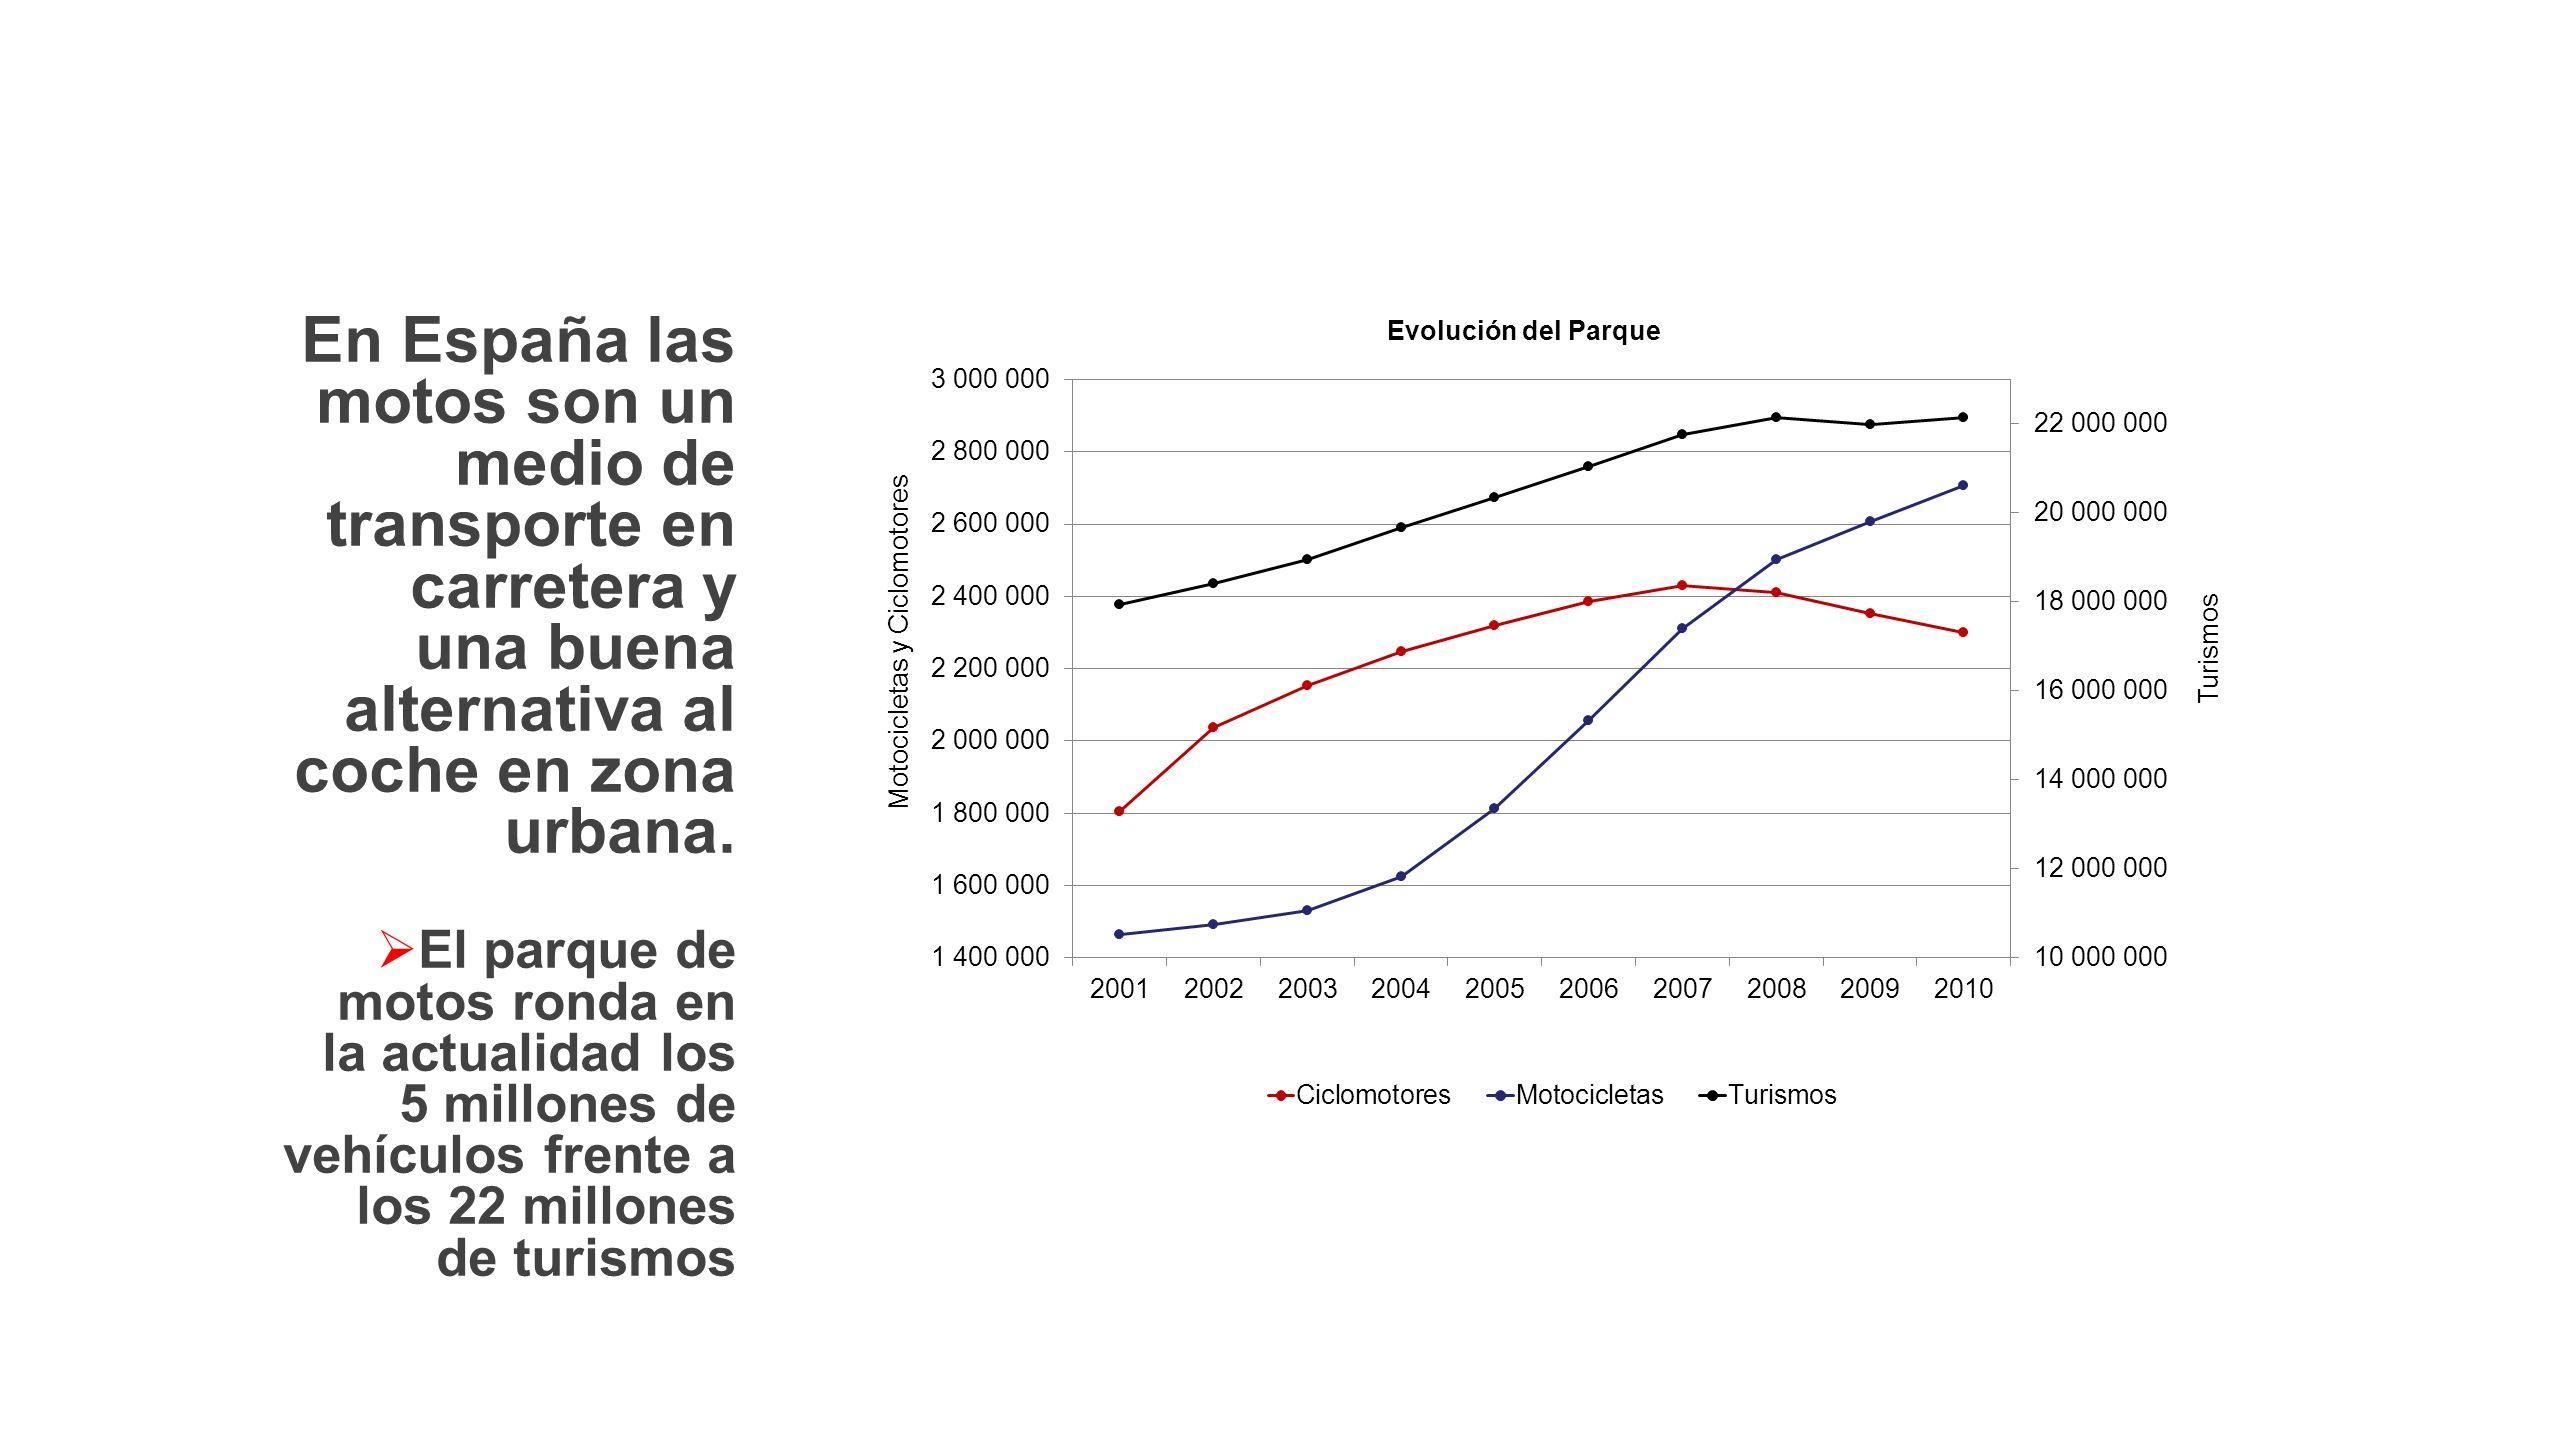 En España las motos son un medio de transporte en carretera y una buena alternativa al coche en zona urbana. El parque de motos ronda en la actualidad